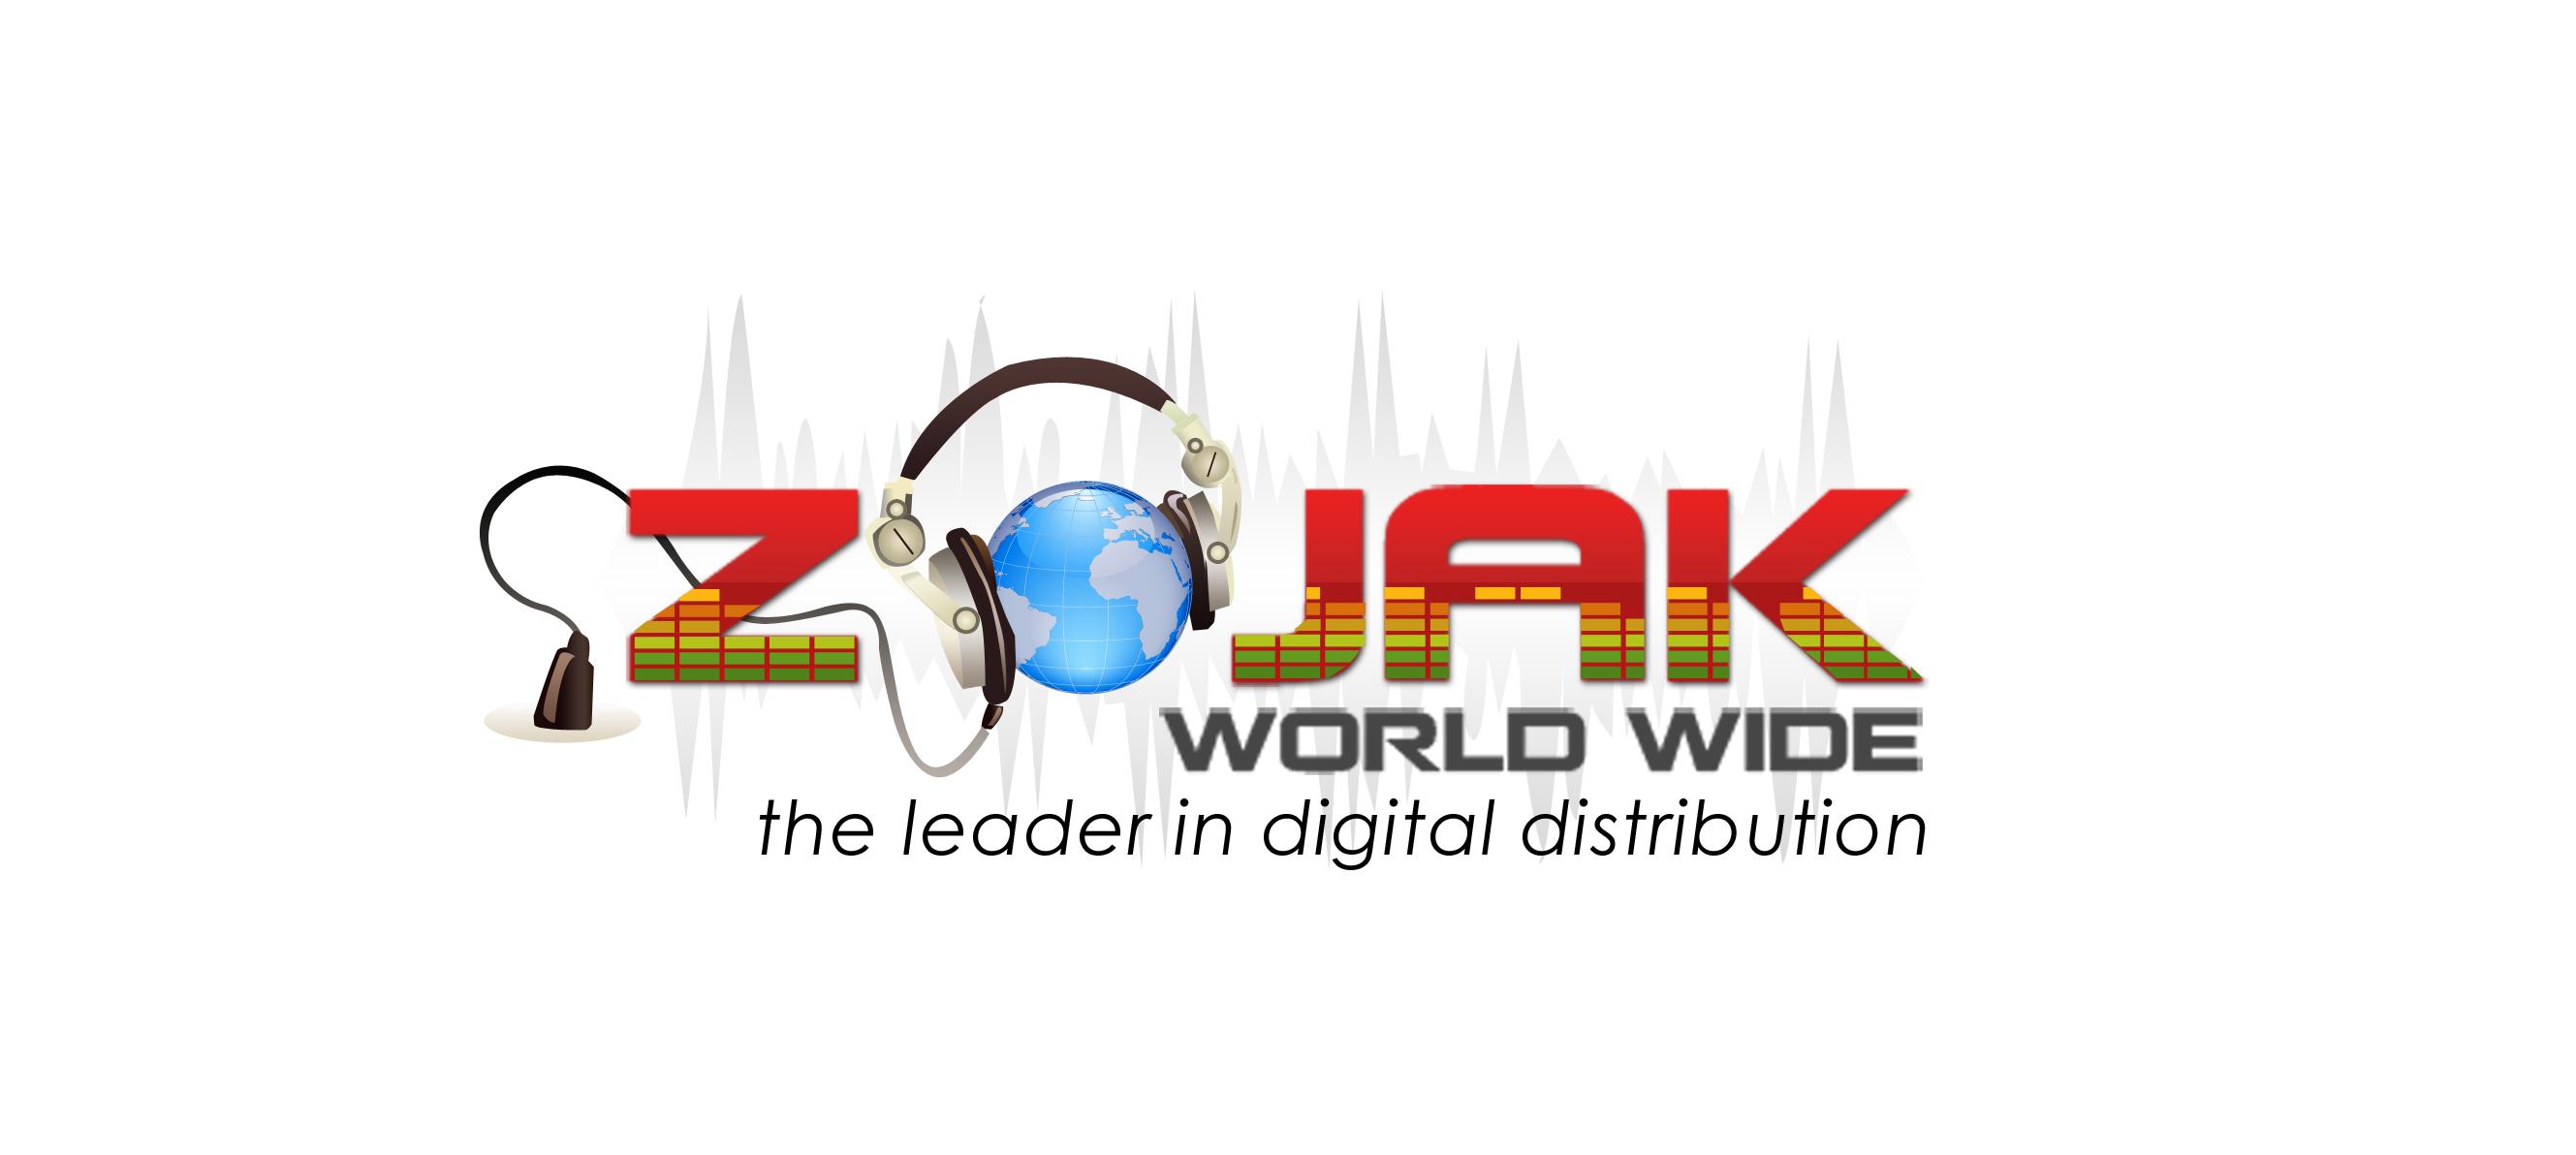 zojak_final_big